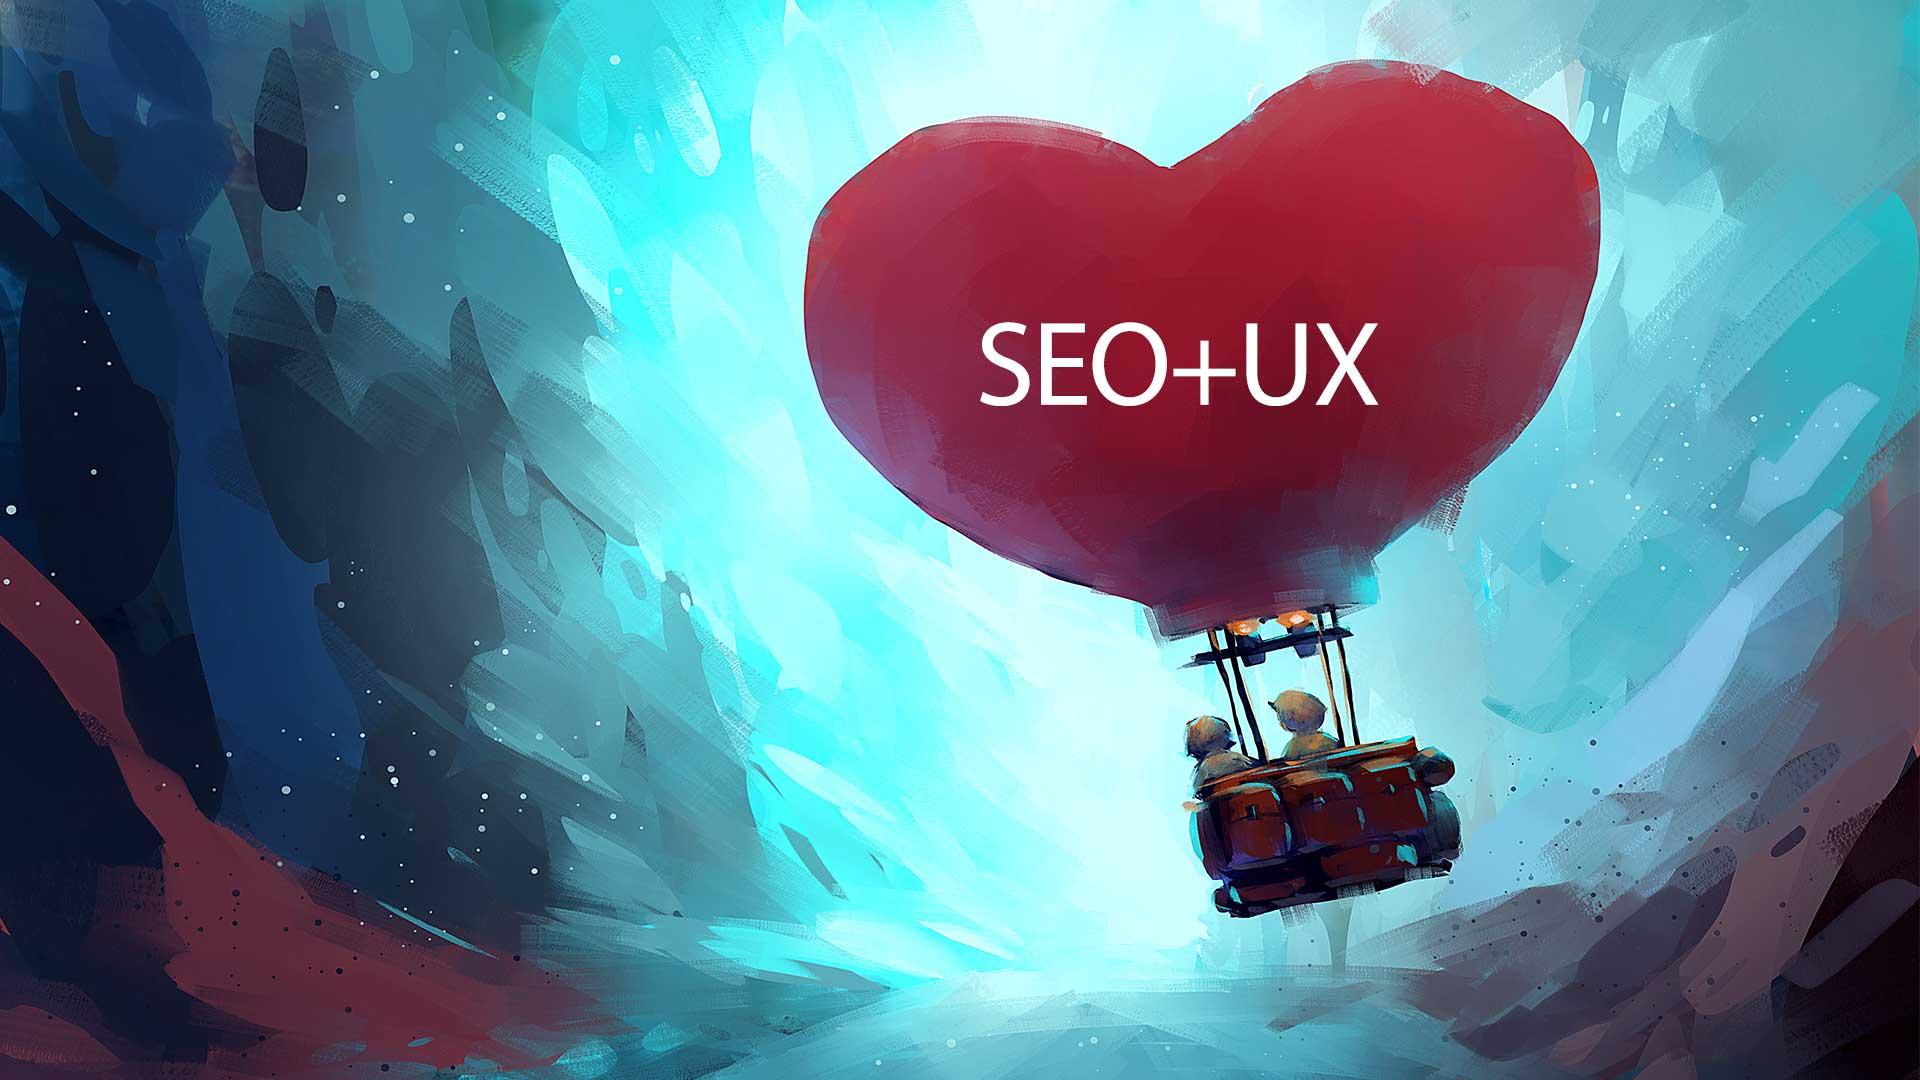 החל מיוני, עולם ה-UX ועולם ה-SEO מתמזגים